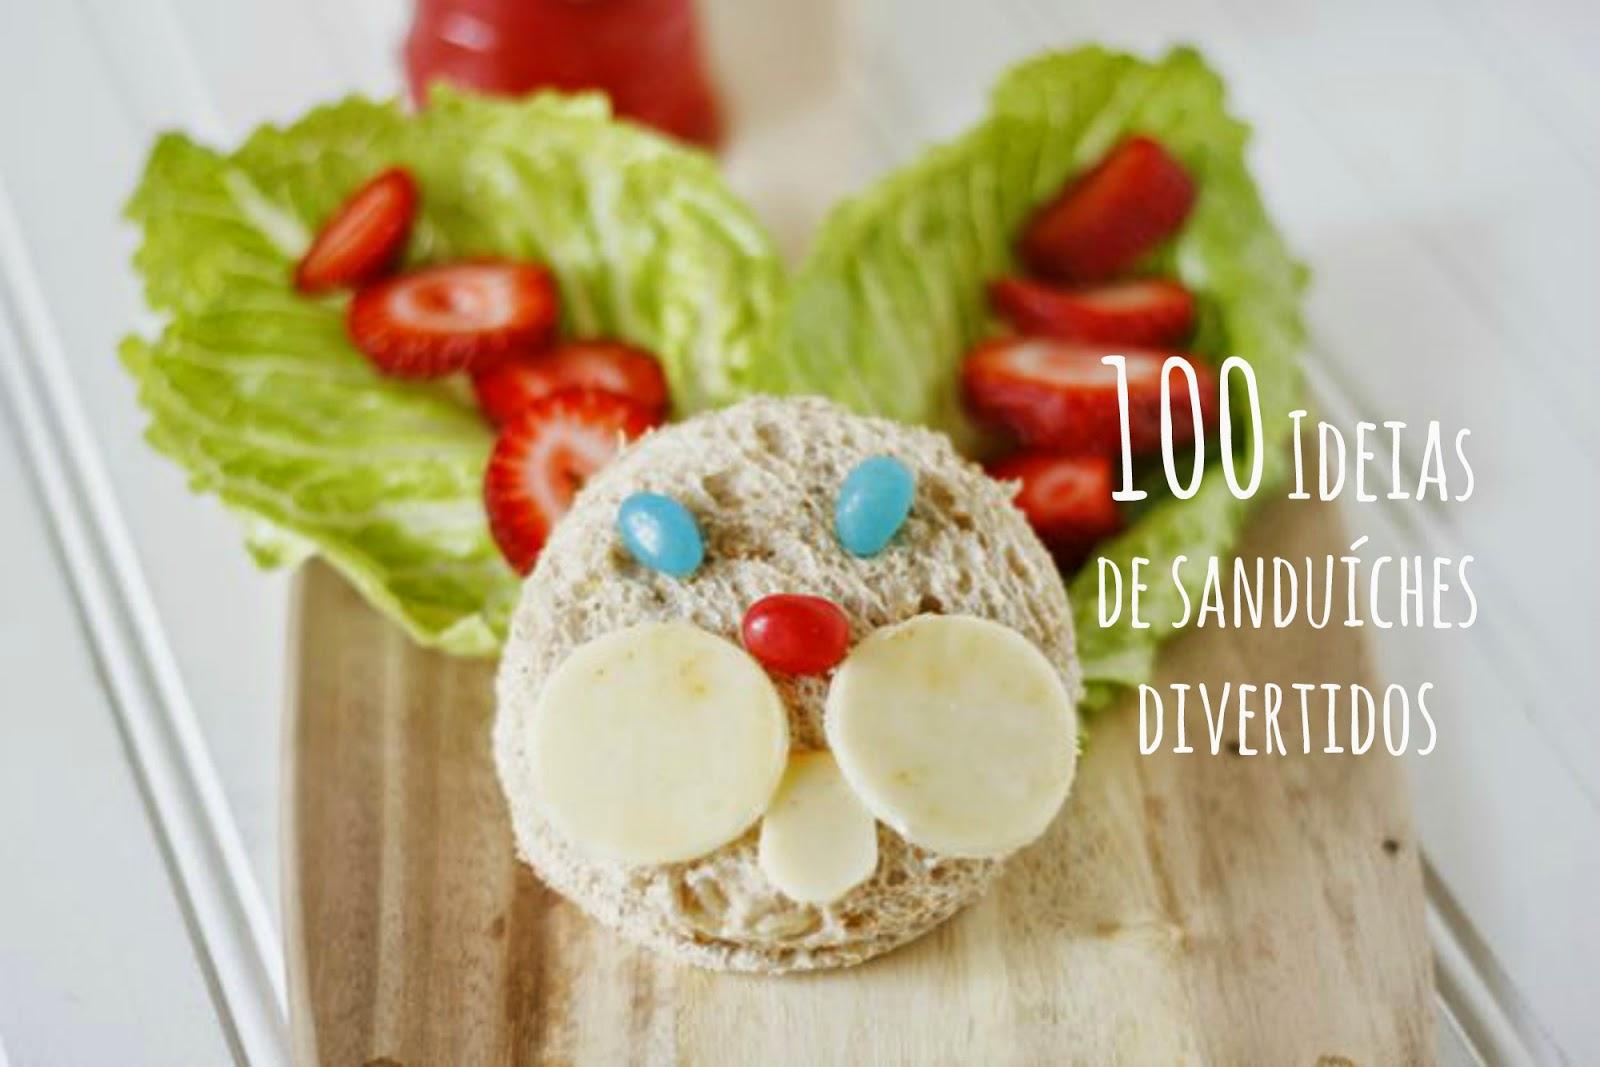 100 Ideias de sanduíches divertidos